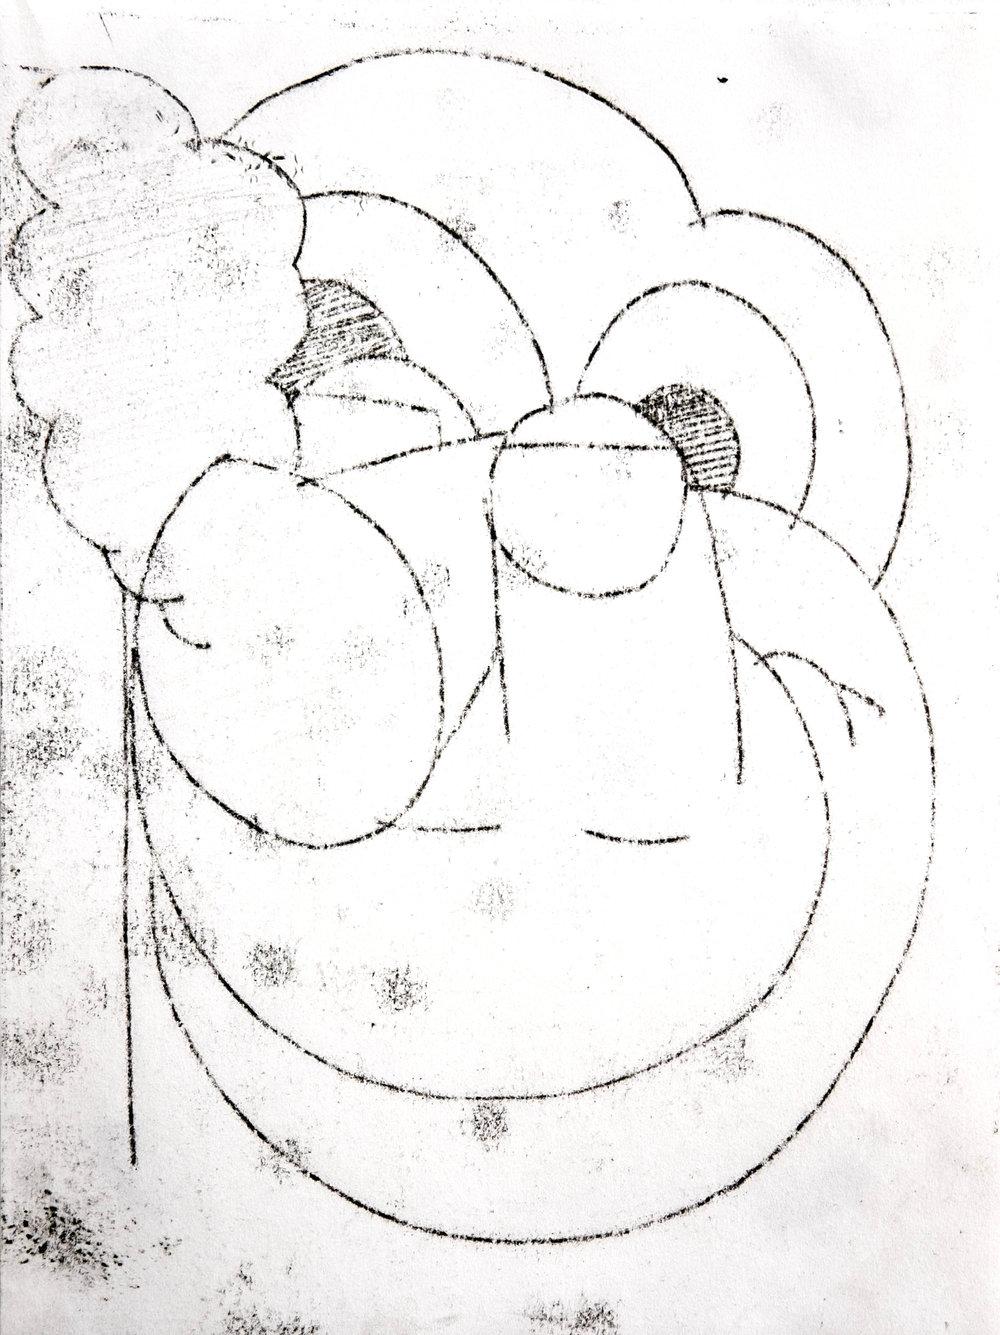 DSCF9612-13 (2).jpg